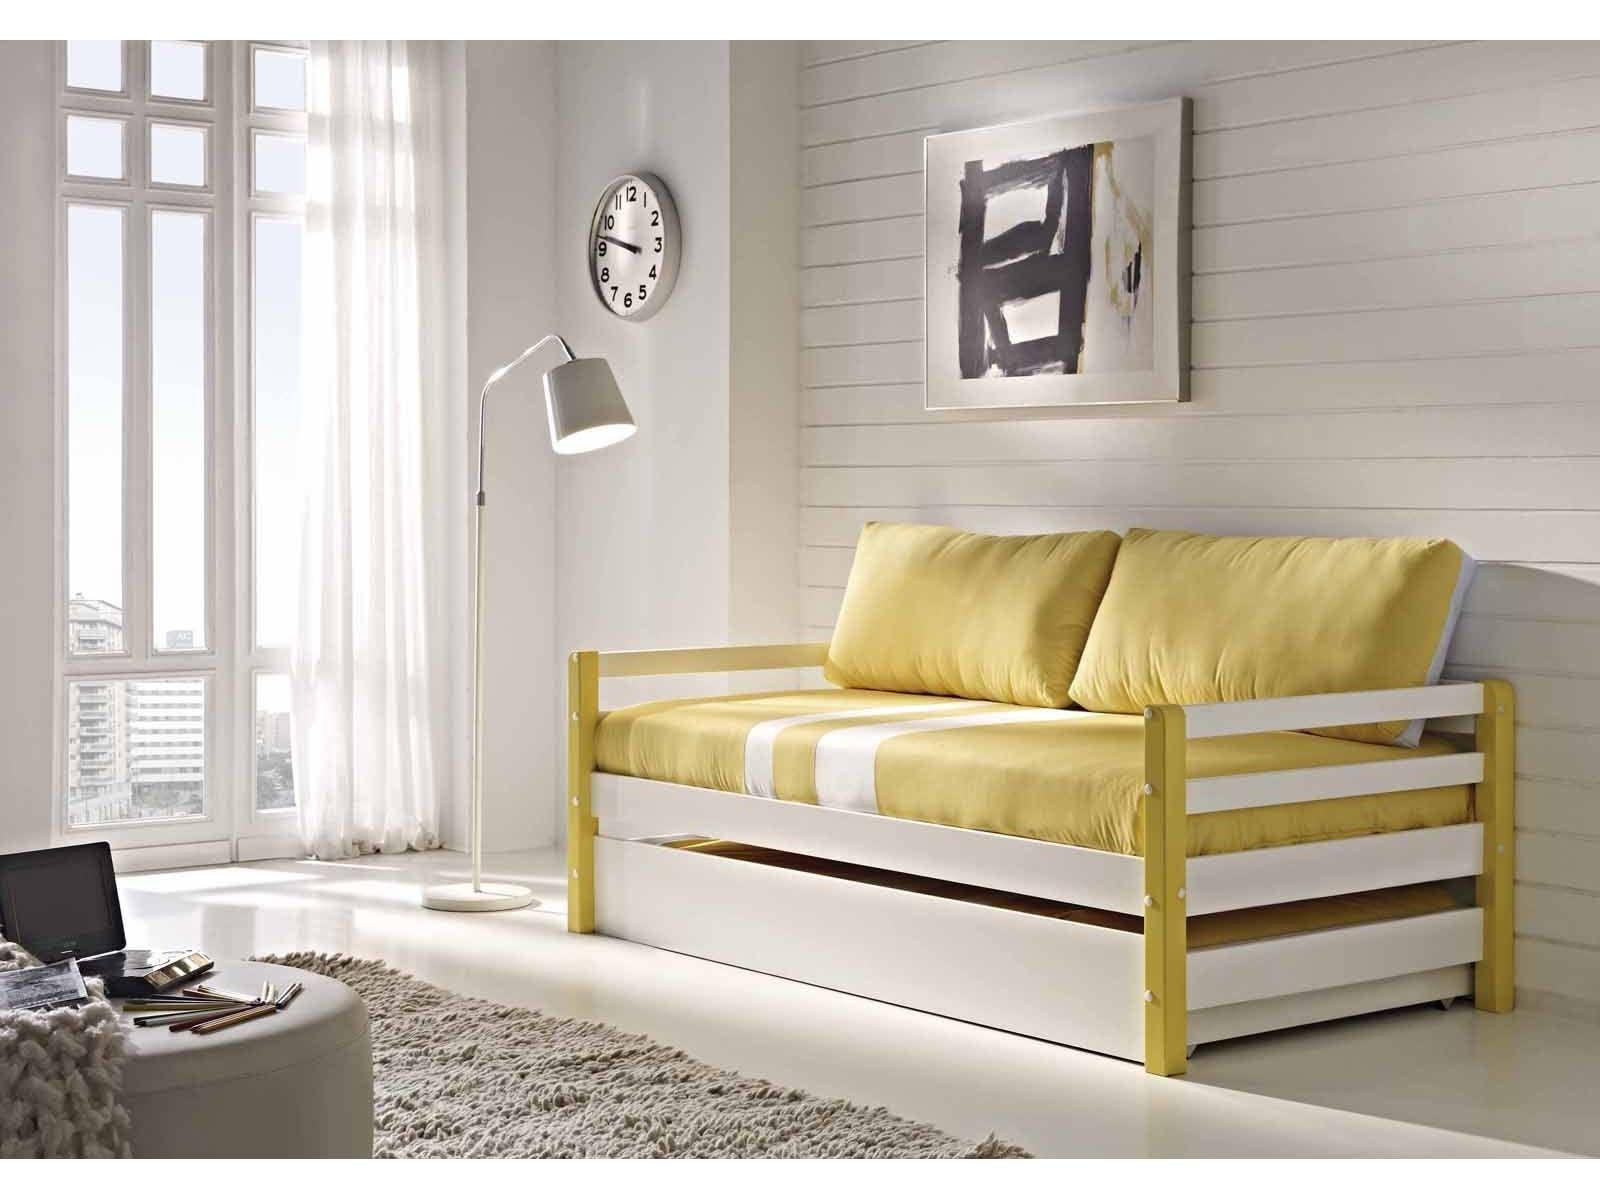 Cama nido blanca y amarilla observaciones incluye somier for Sofa cama 180 ancho